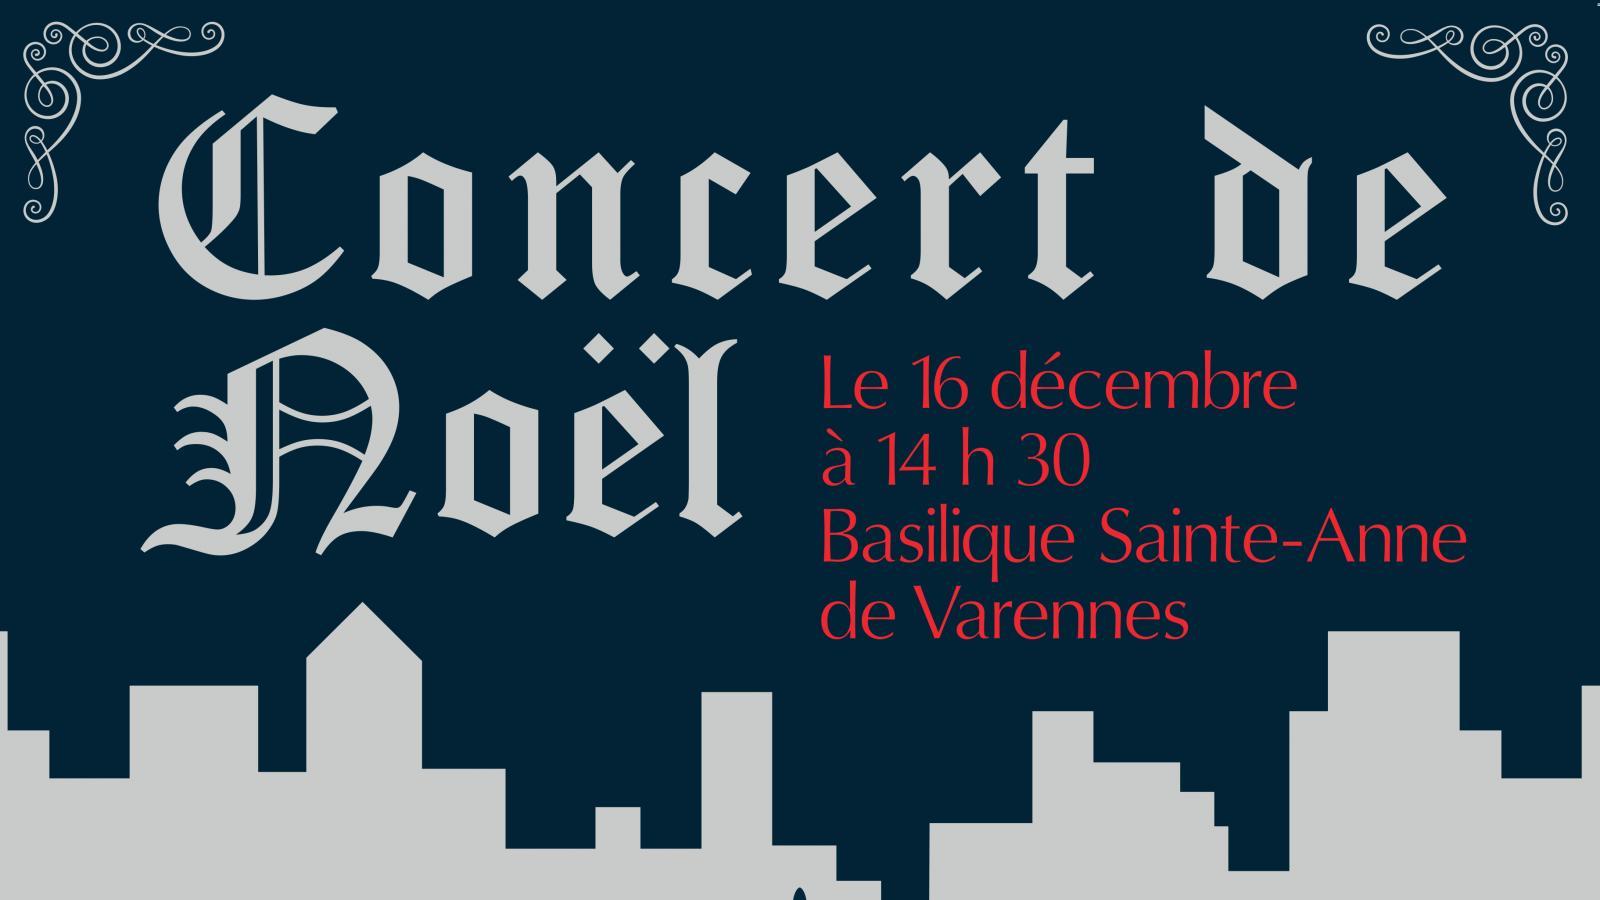 Le 16 décembre: concert de Noël du choeur Amivoix de Varennes